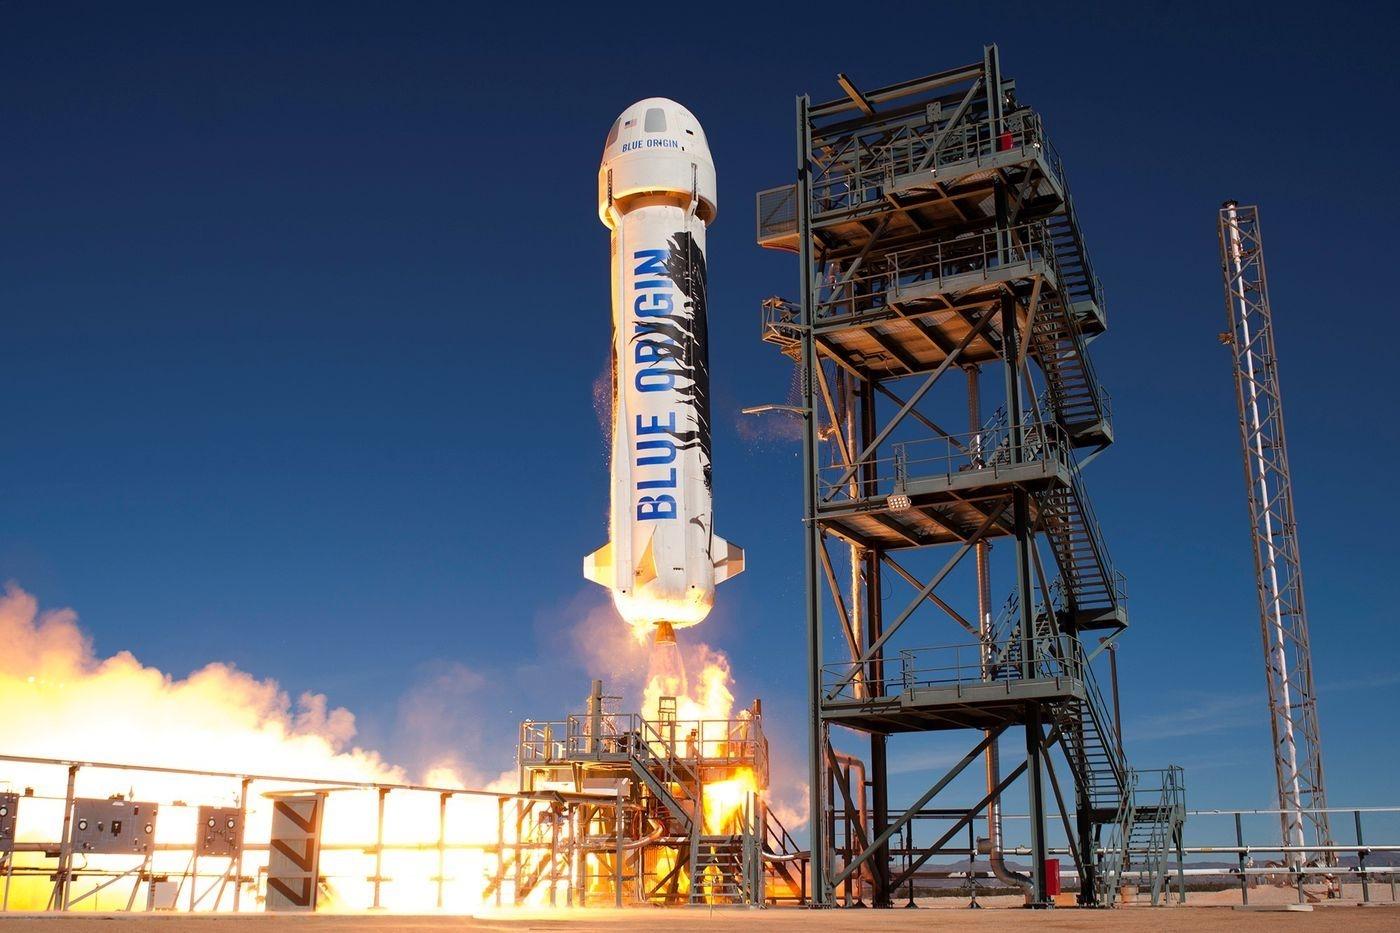 Миллиардер Джефф Безос впервые слетал в космос: смотрите, как это было (ФОТО+ВИДЕО) - фото №3